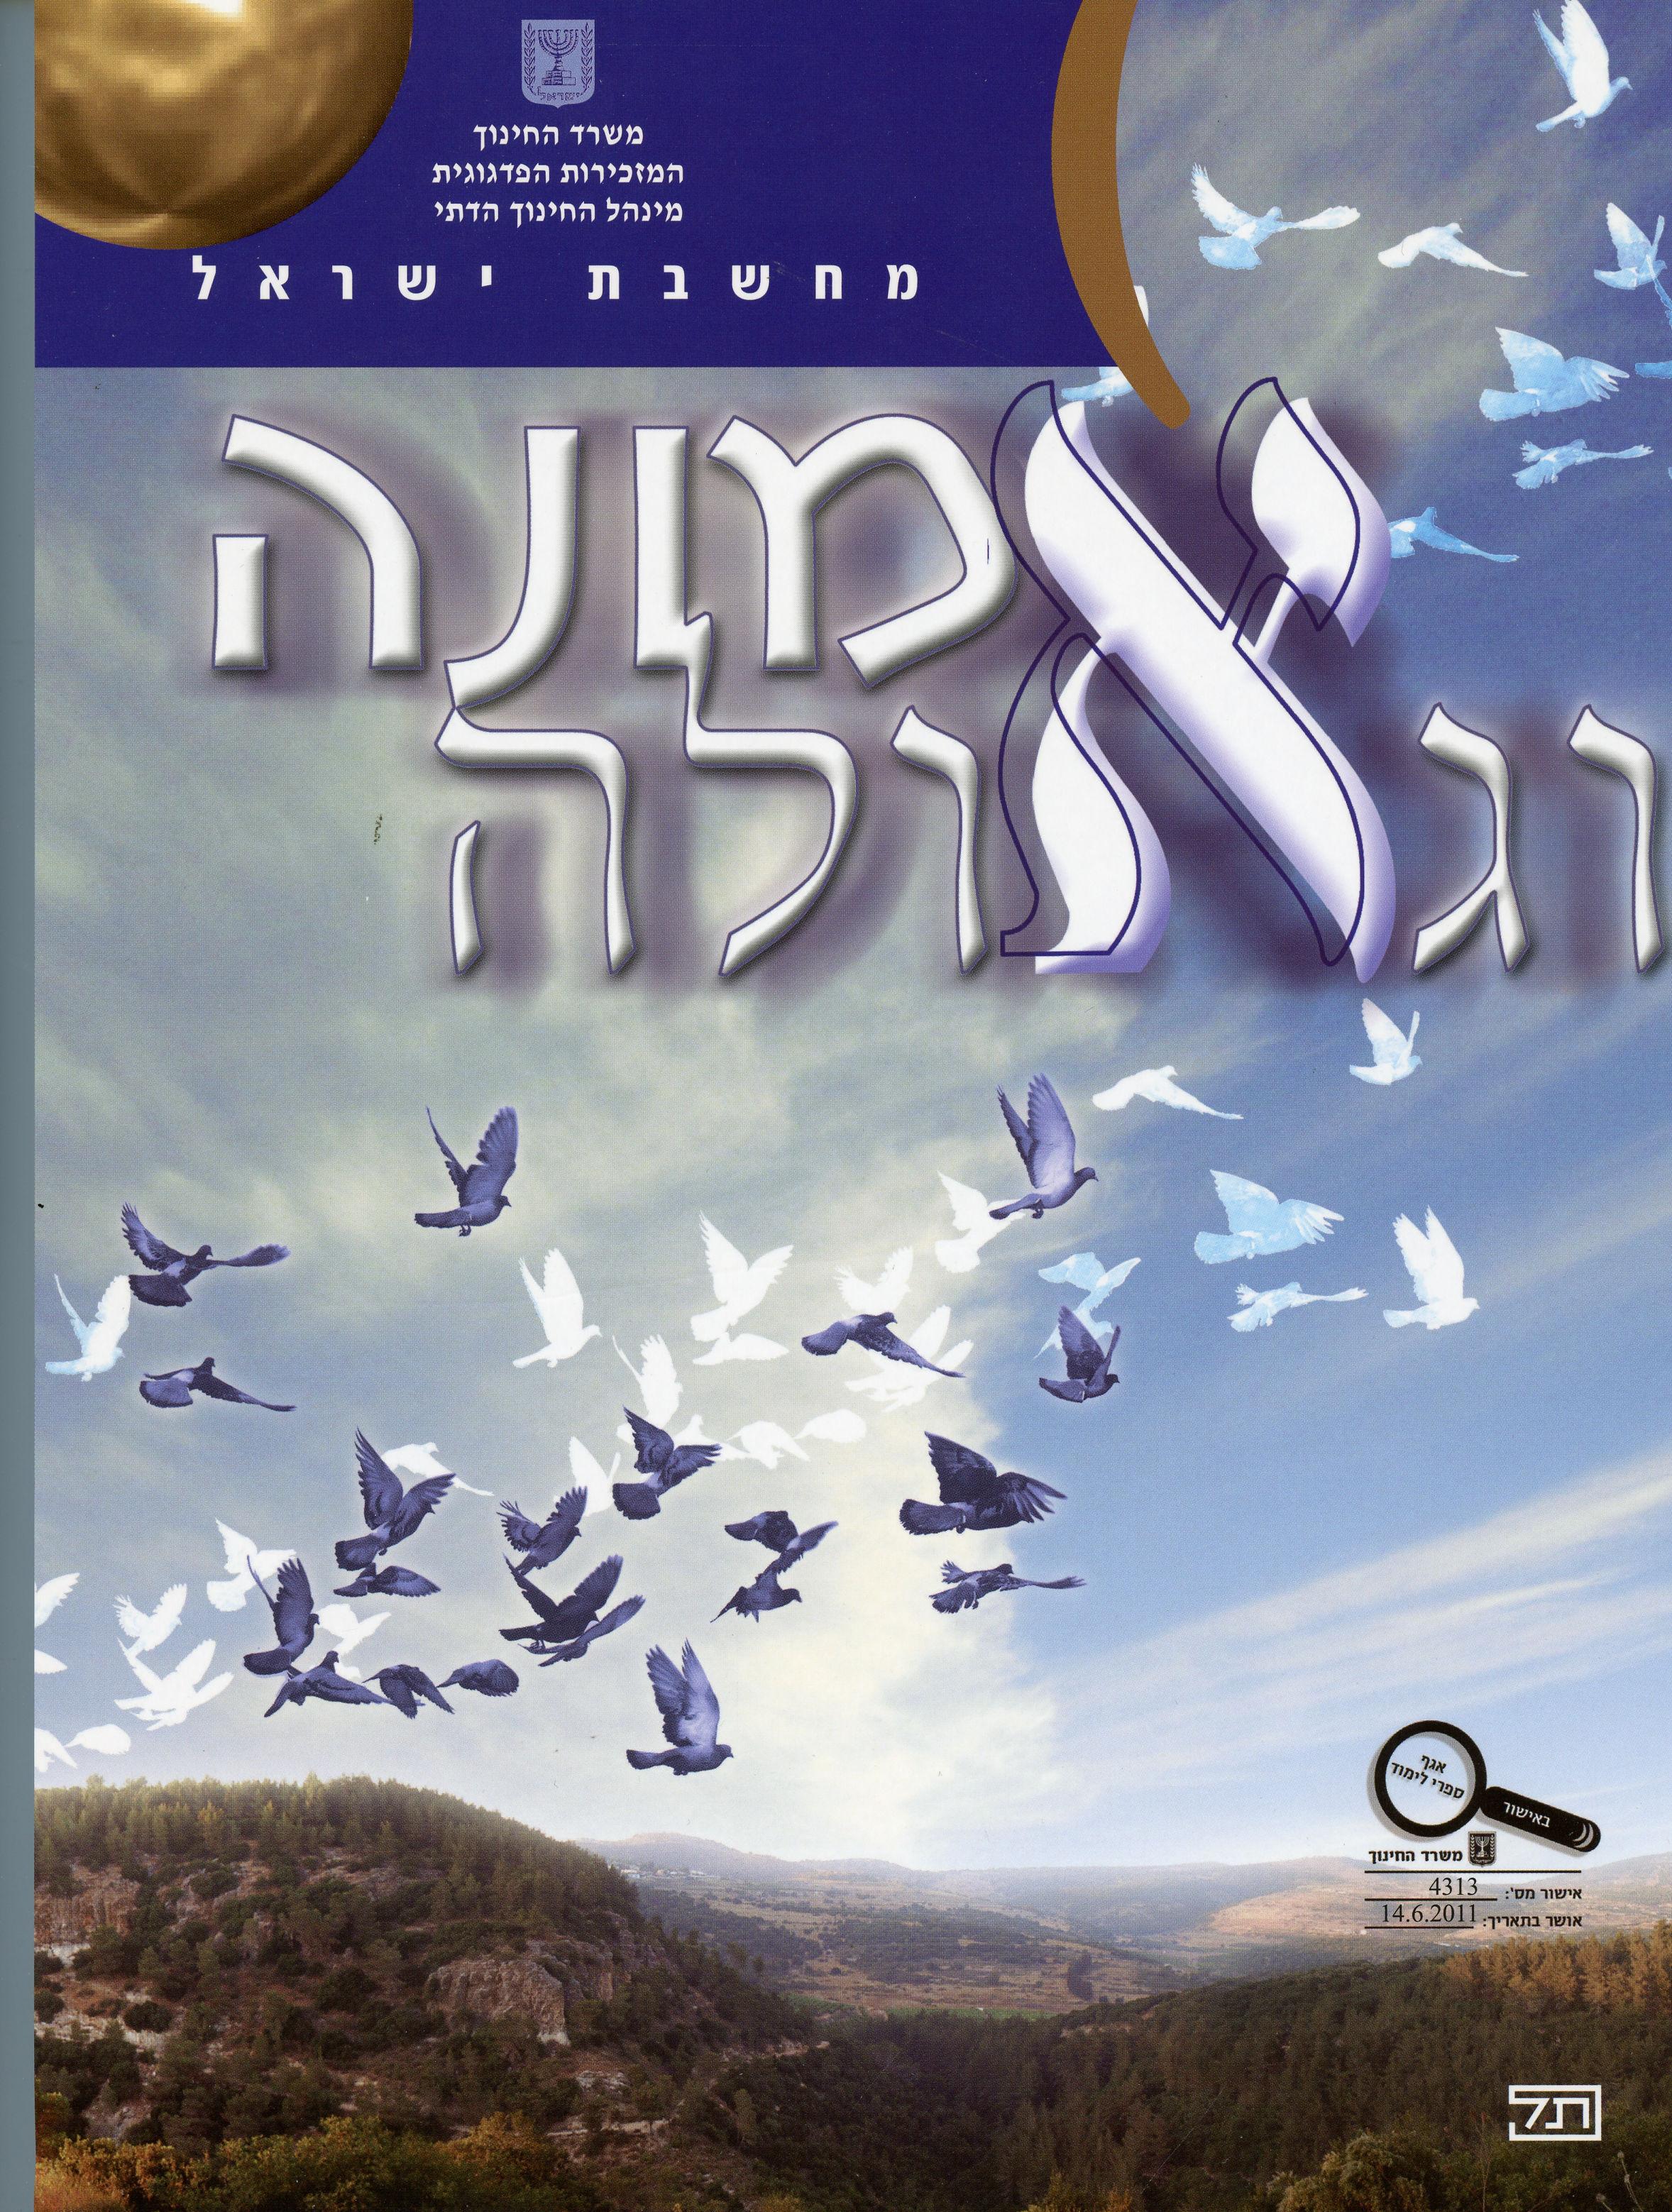 אמונה וגאולה-מחשבת ישראל